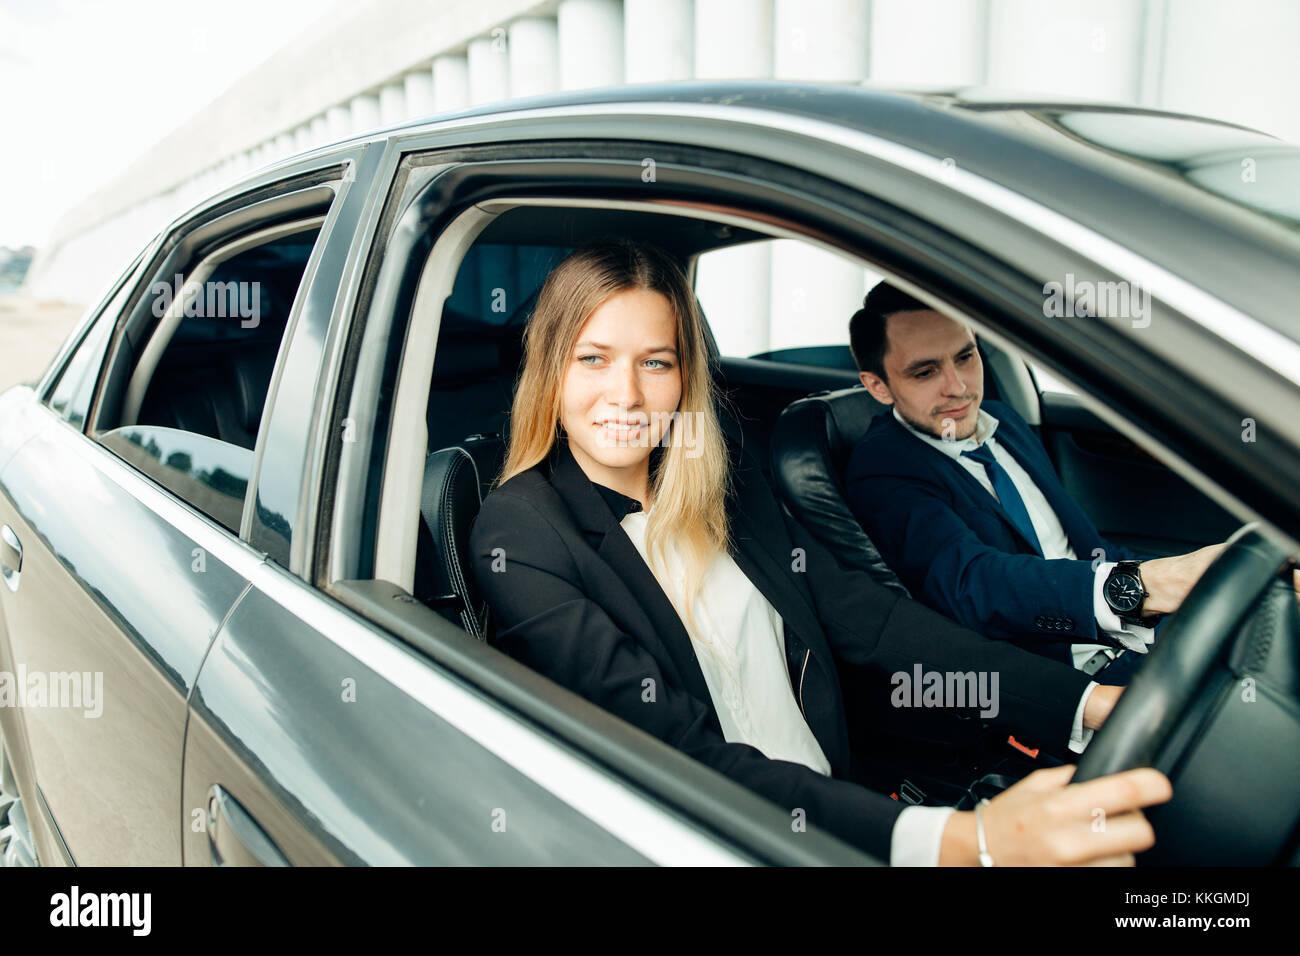 Moniteur de conduite et l'examen en étudiant femme voiture. Photo Stock